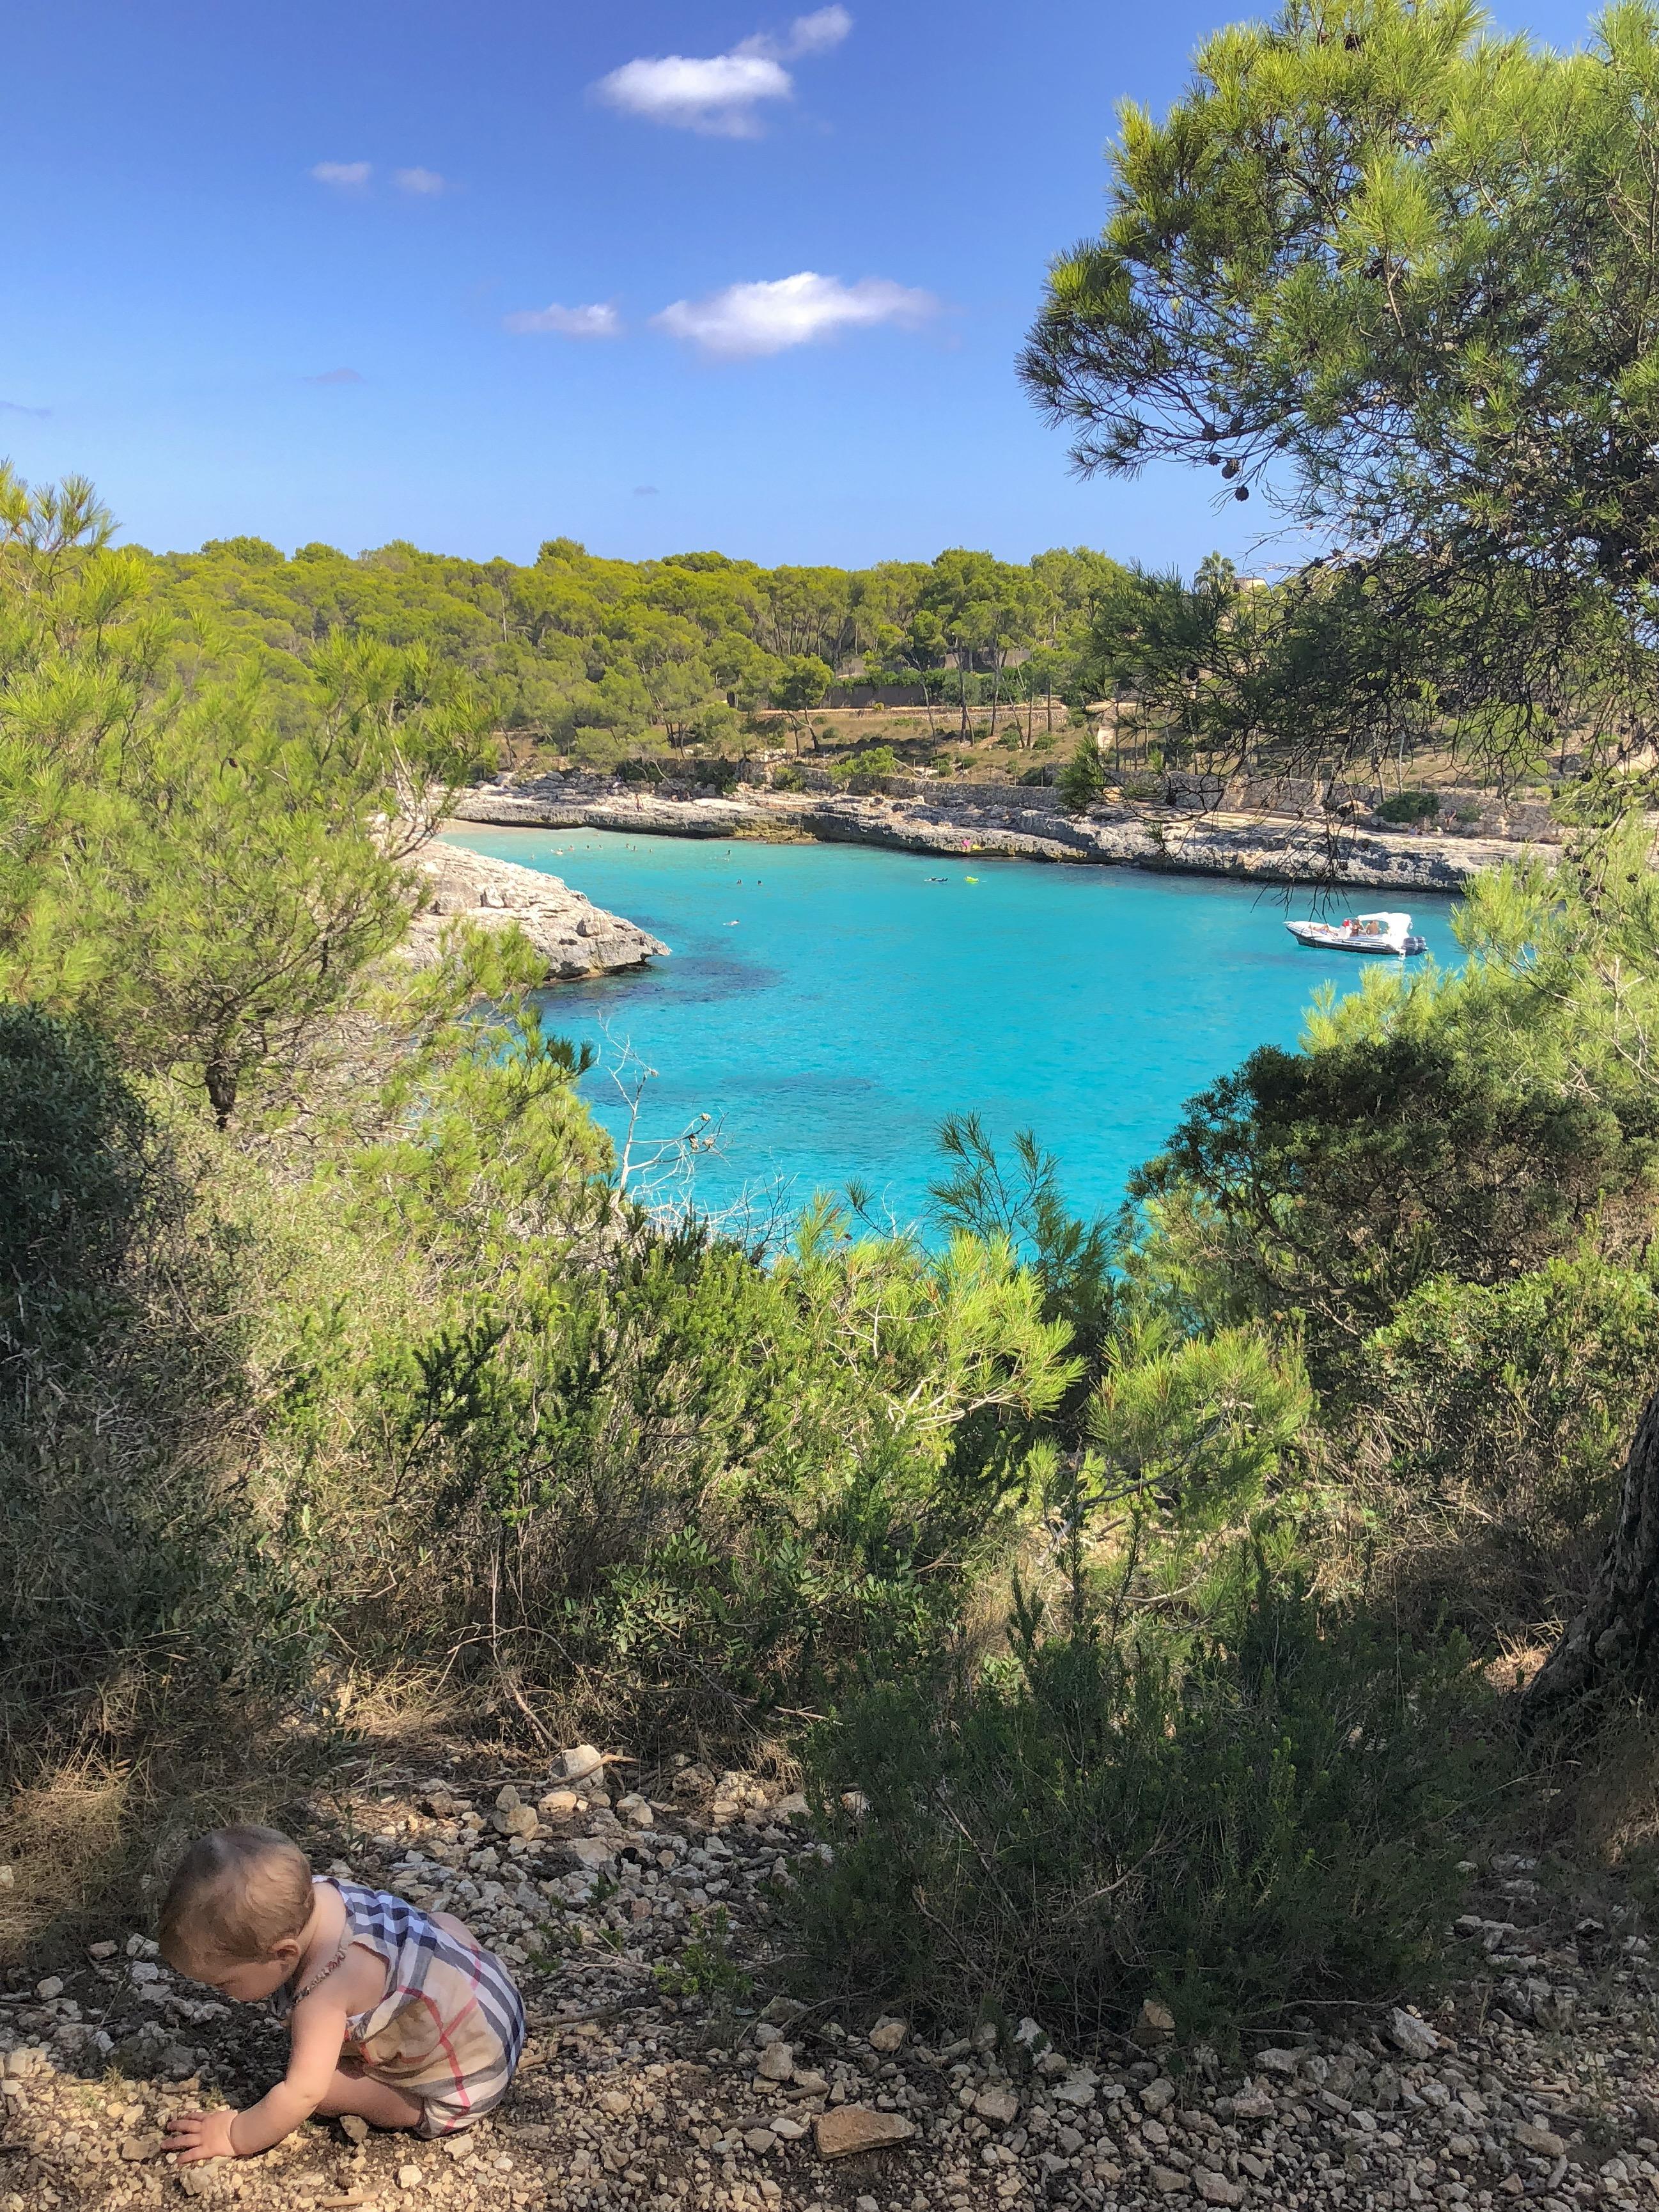 melhores praias das ilhas baleares - praias de Maiorca